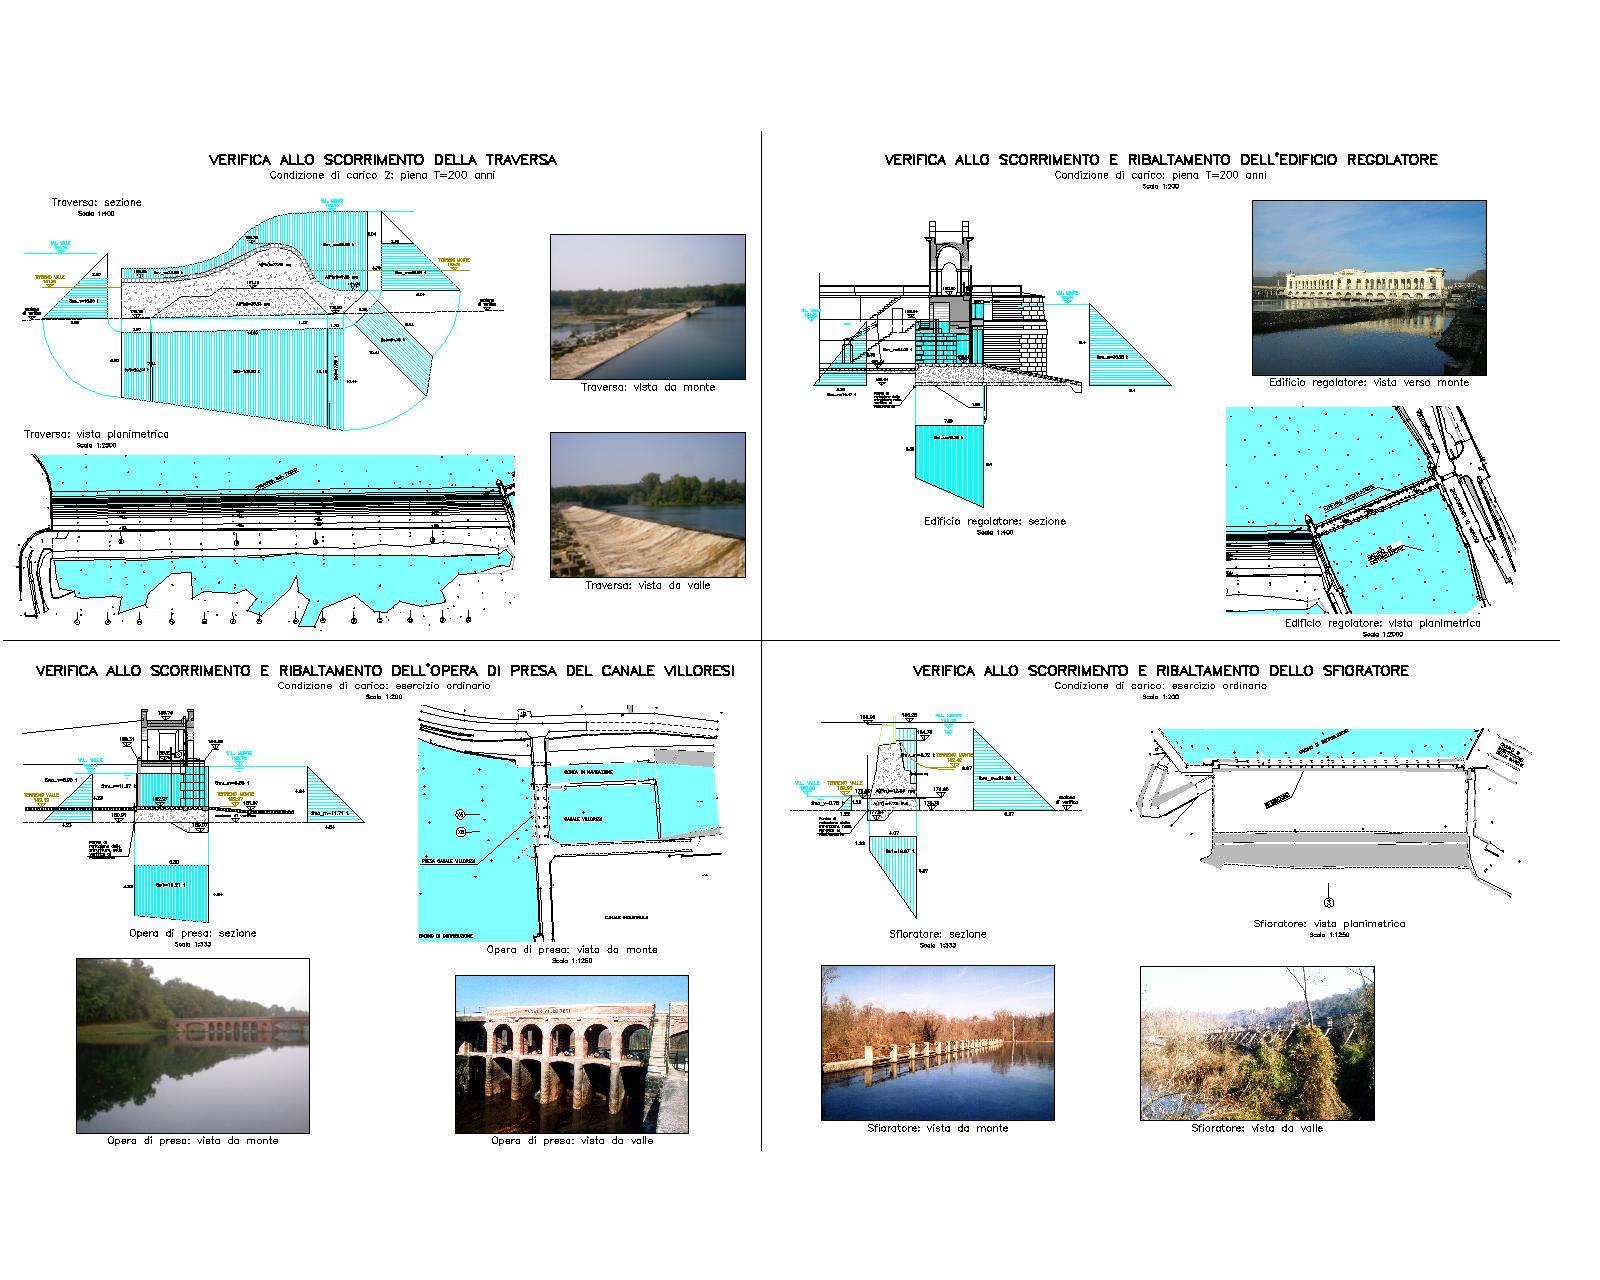 01 - Verifica opere di presa Canale Villoresi(2003)